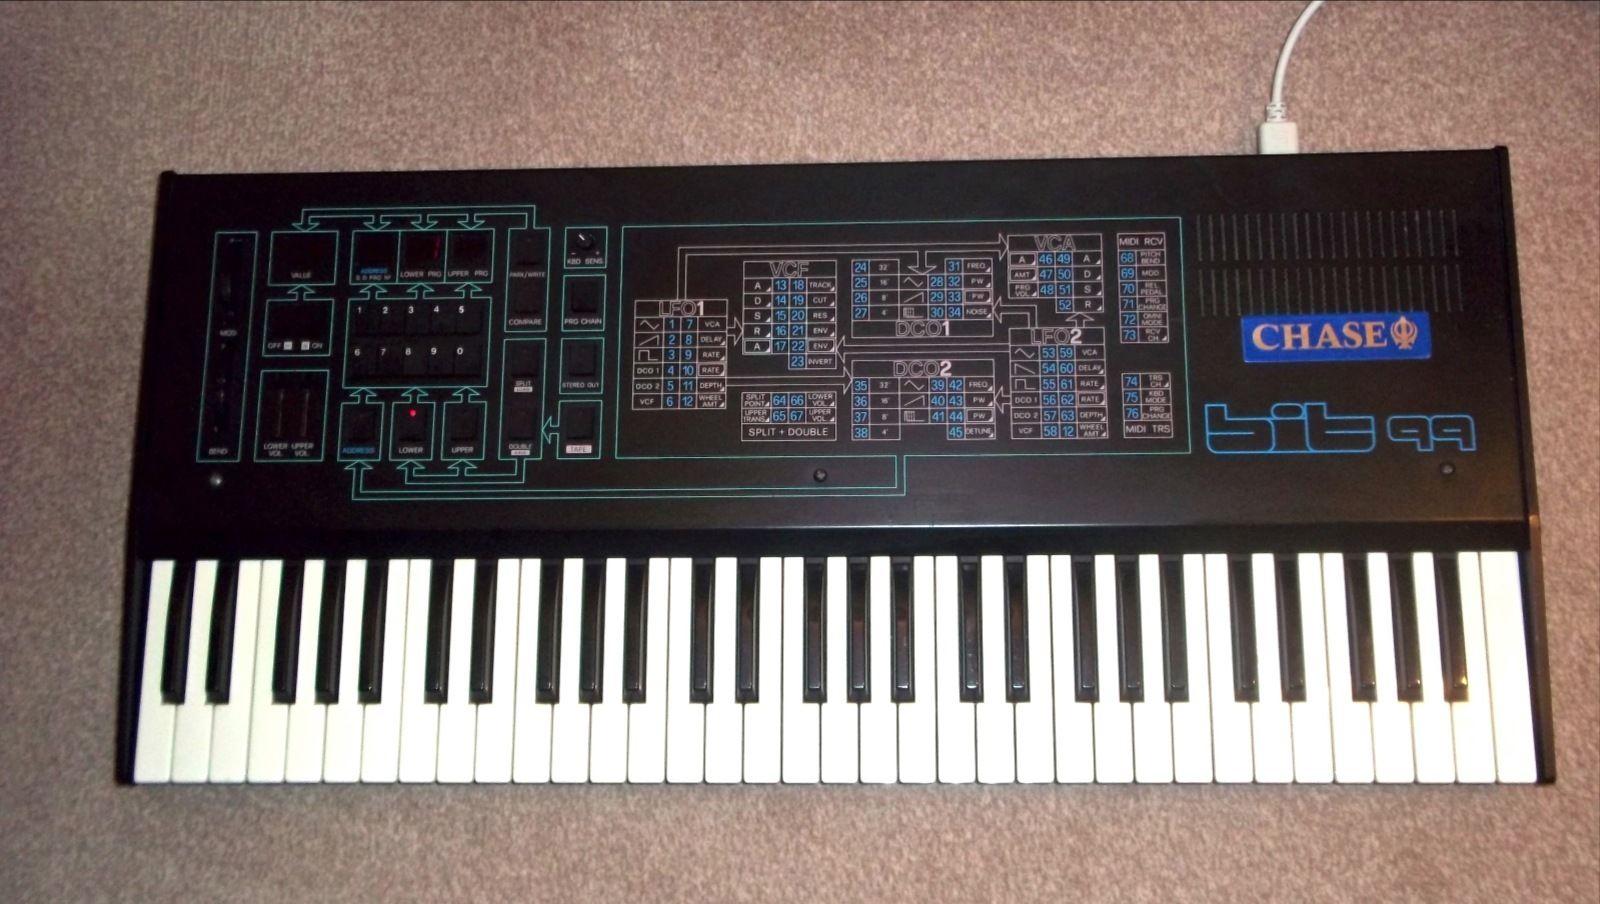 Chase Bit 99 Synthesizer